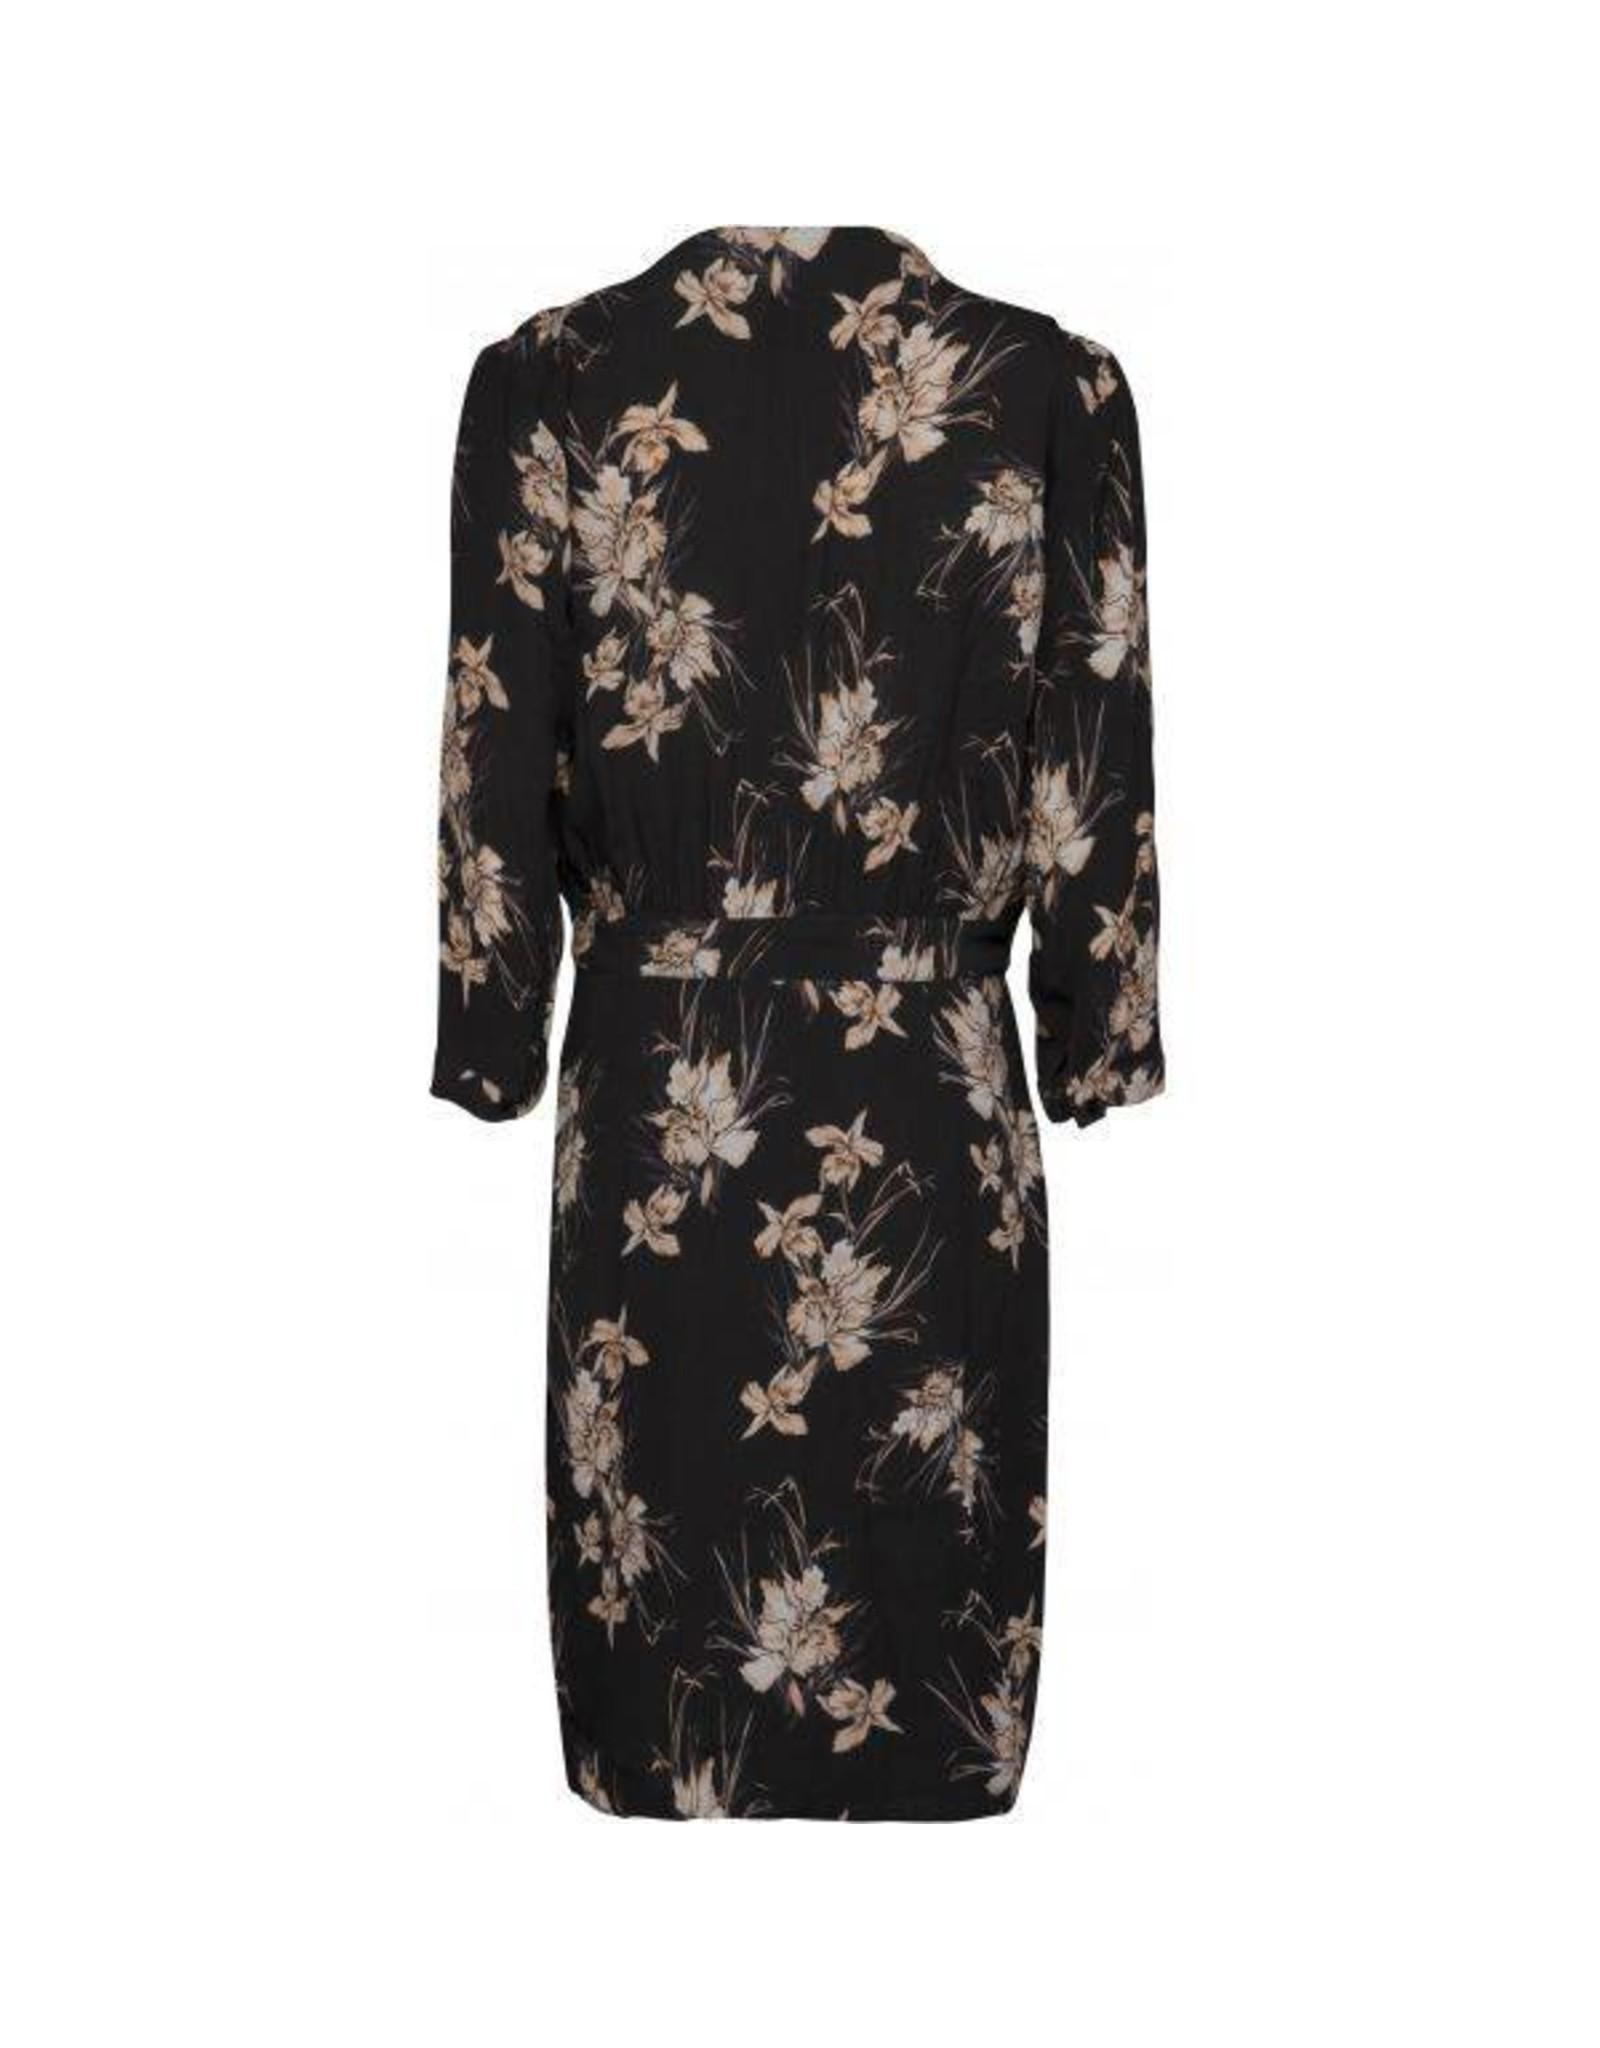 Minus Jean Print Dress